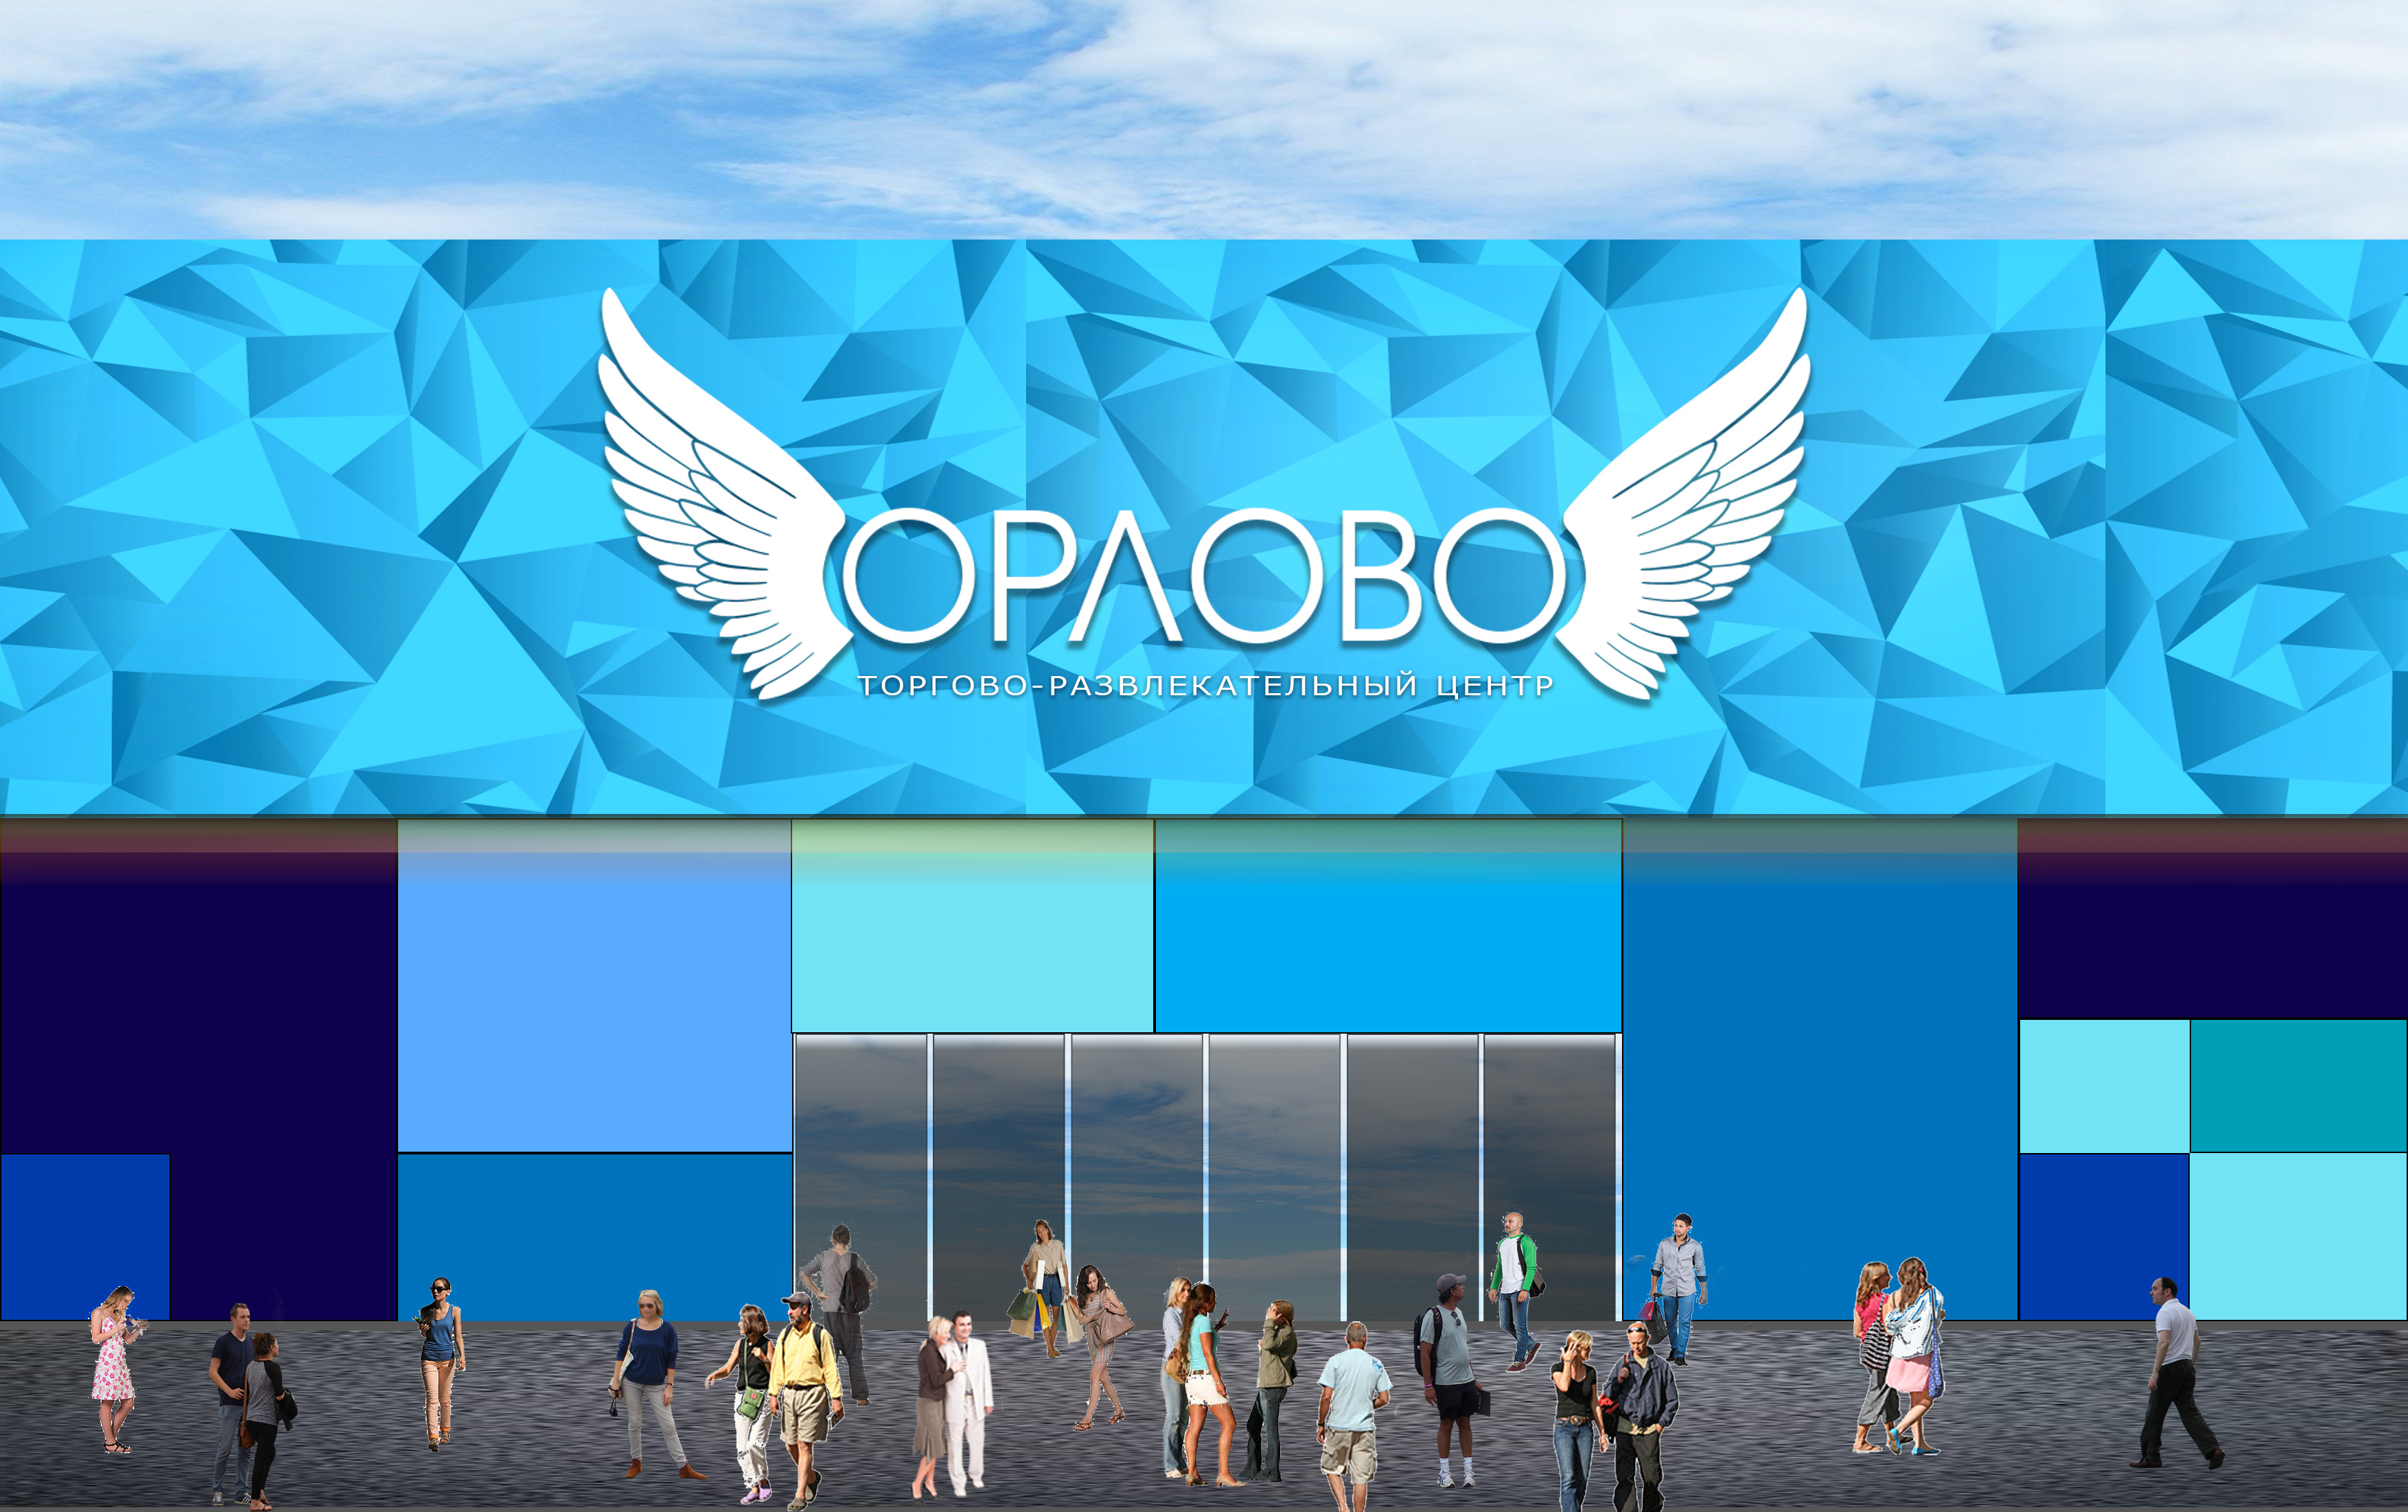 Разработка логотипа для Торгово-развлекательного комплекса фото f_128596bc8bac39ab.jpg